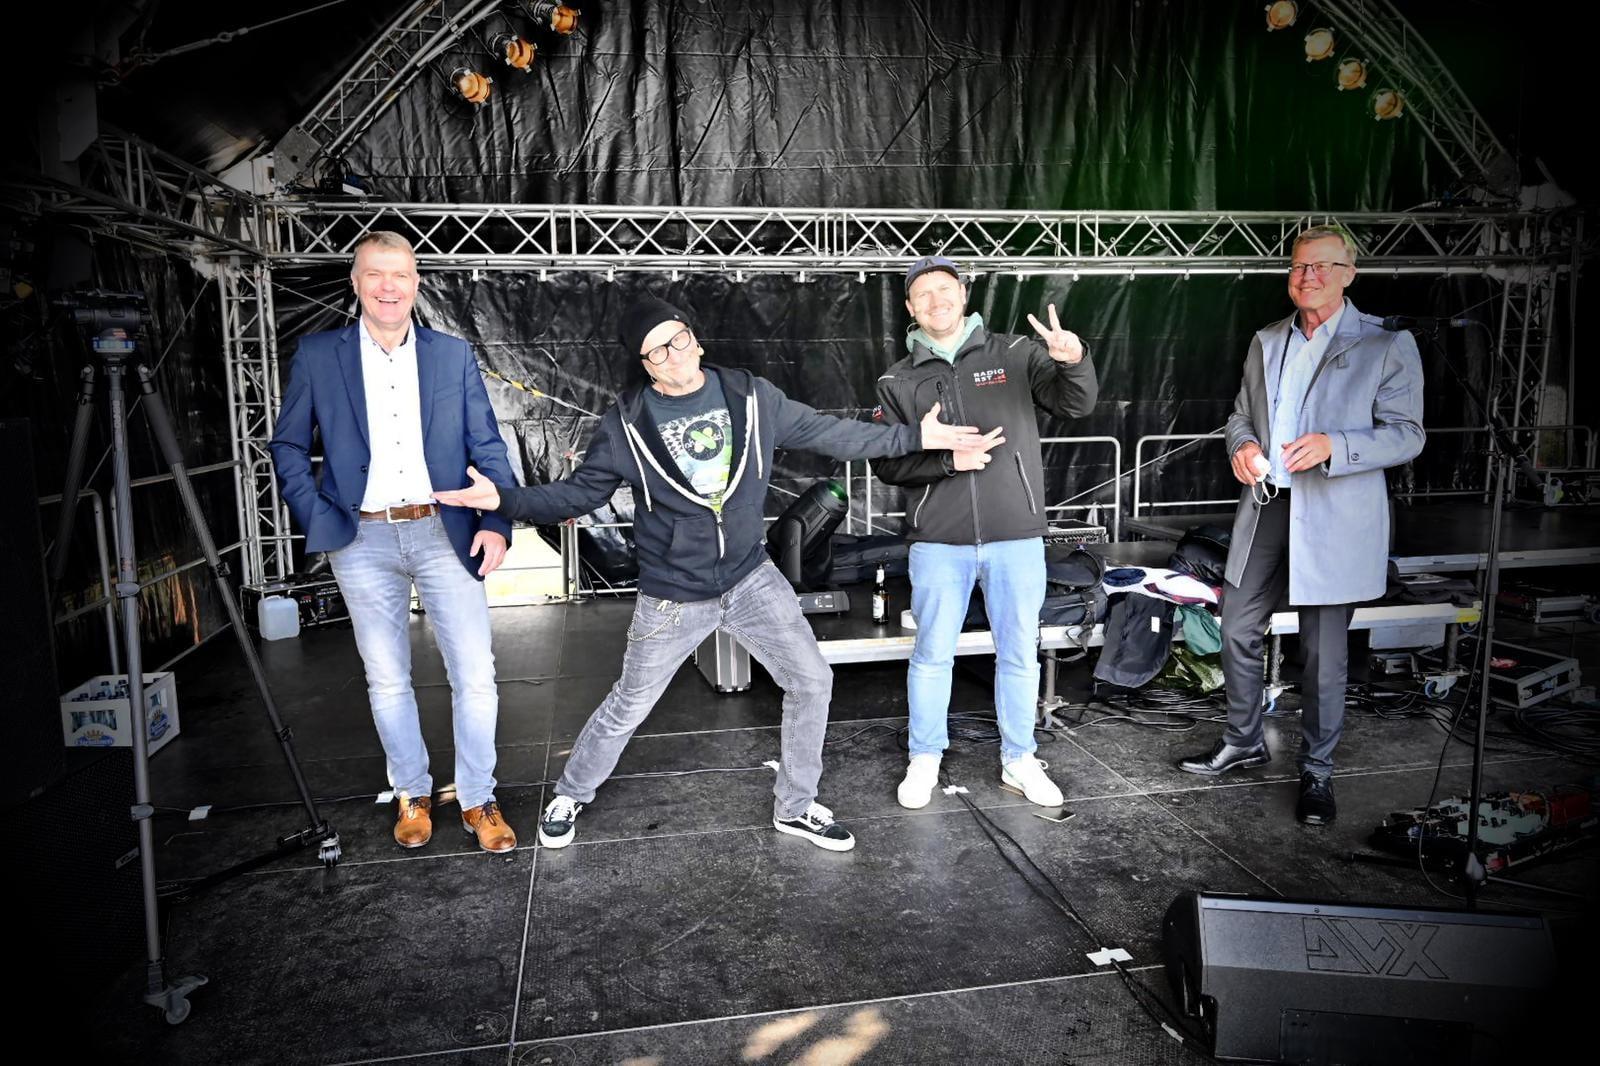 Die Bühne rocken :-)